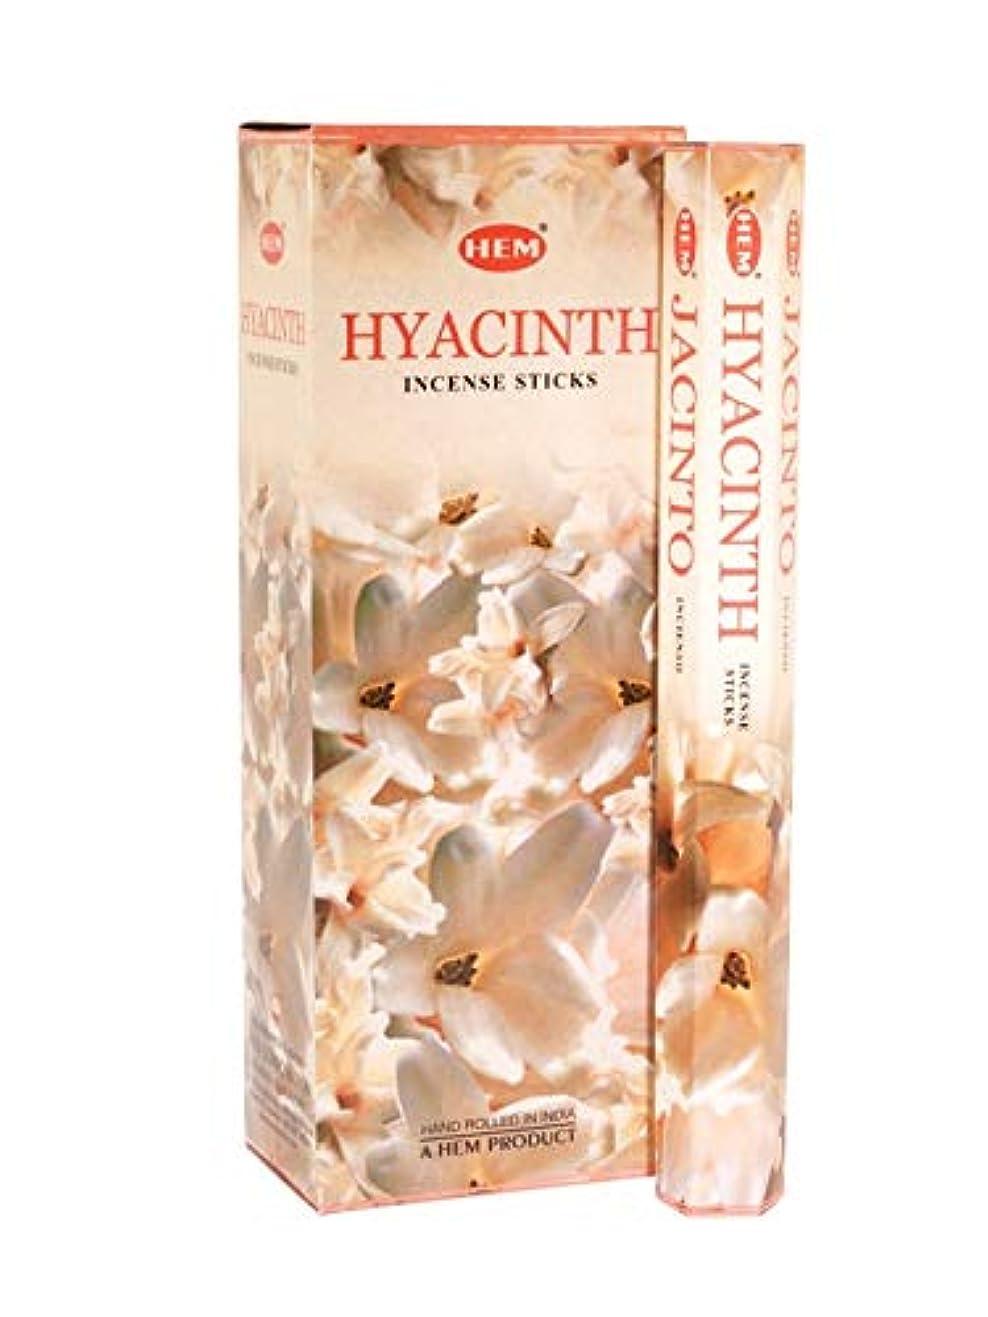 スペースクラウド喉が渇いたHEM(ヘム)社 ヒヤシンス香 スティック HYACINTH 6箱セット